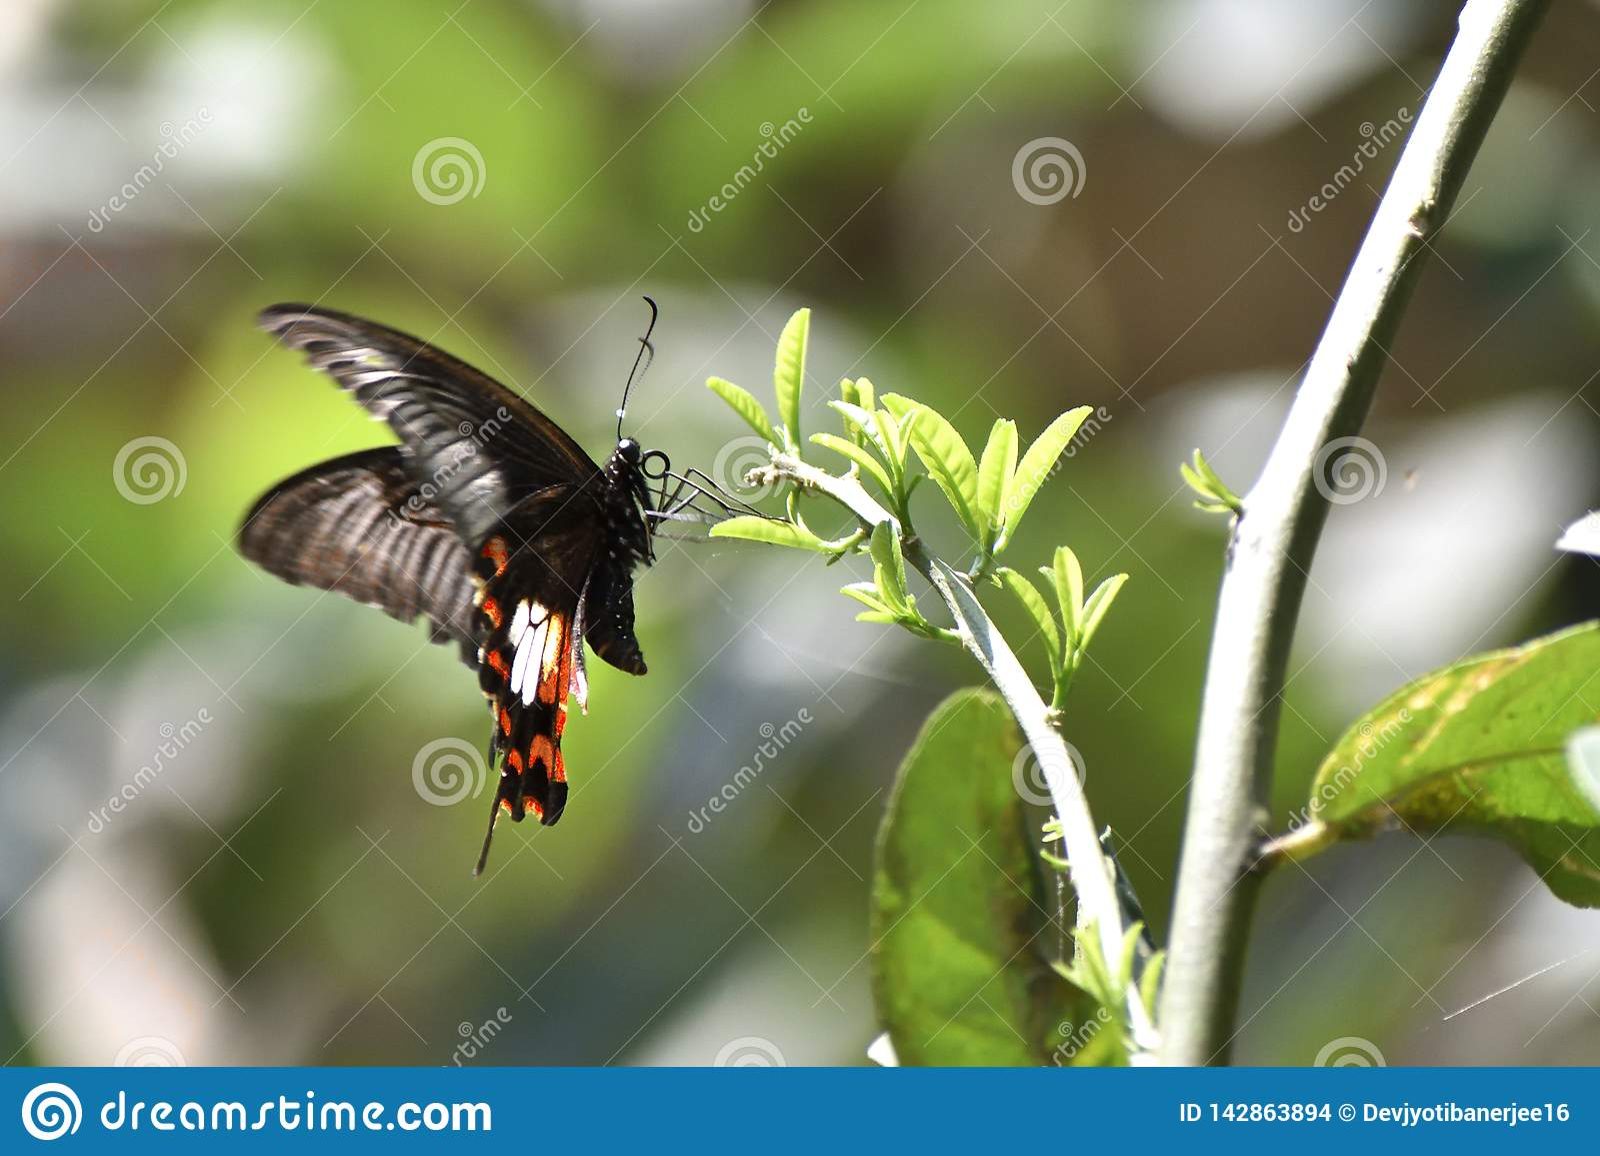 东部老虎Swallowtail蝴蝶,黑蝴蝶,Swallowtail蝴蝶